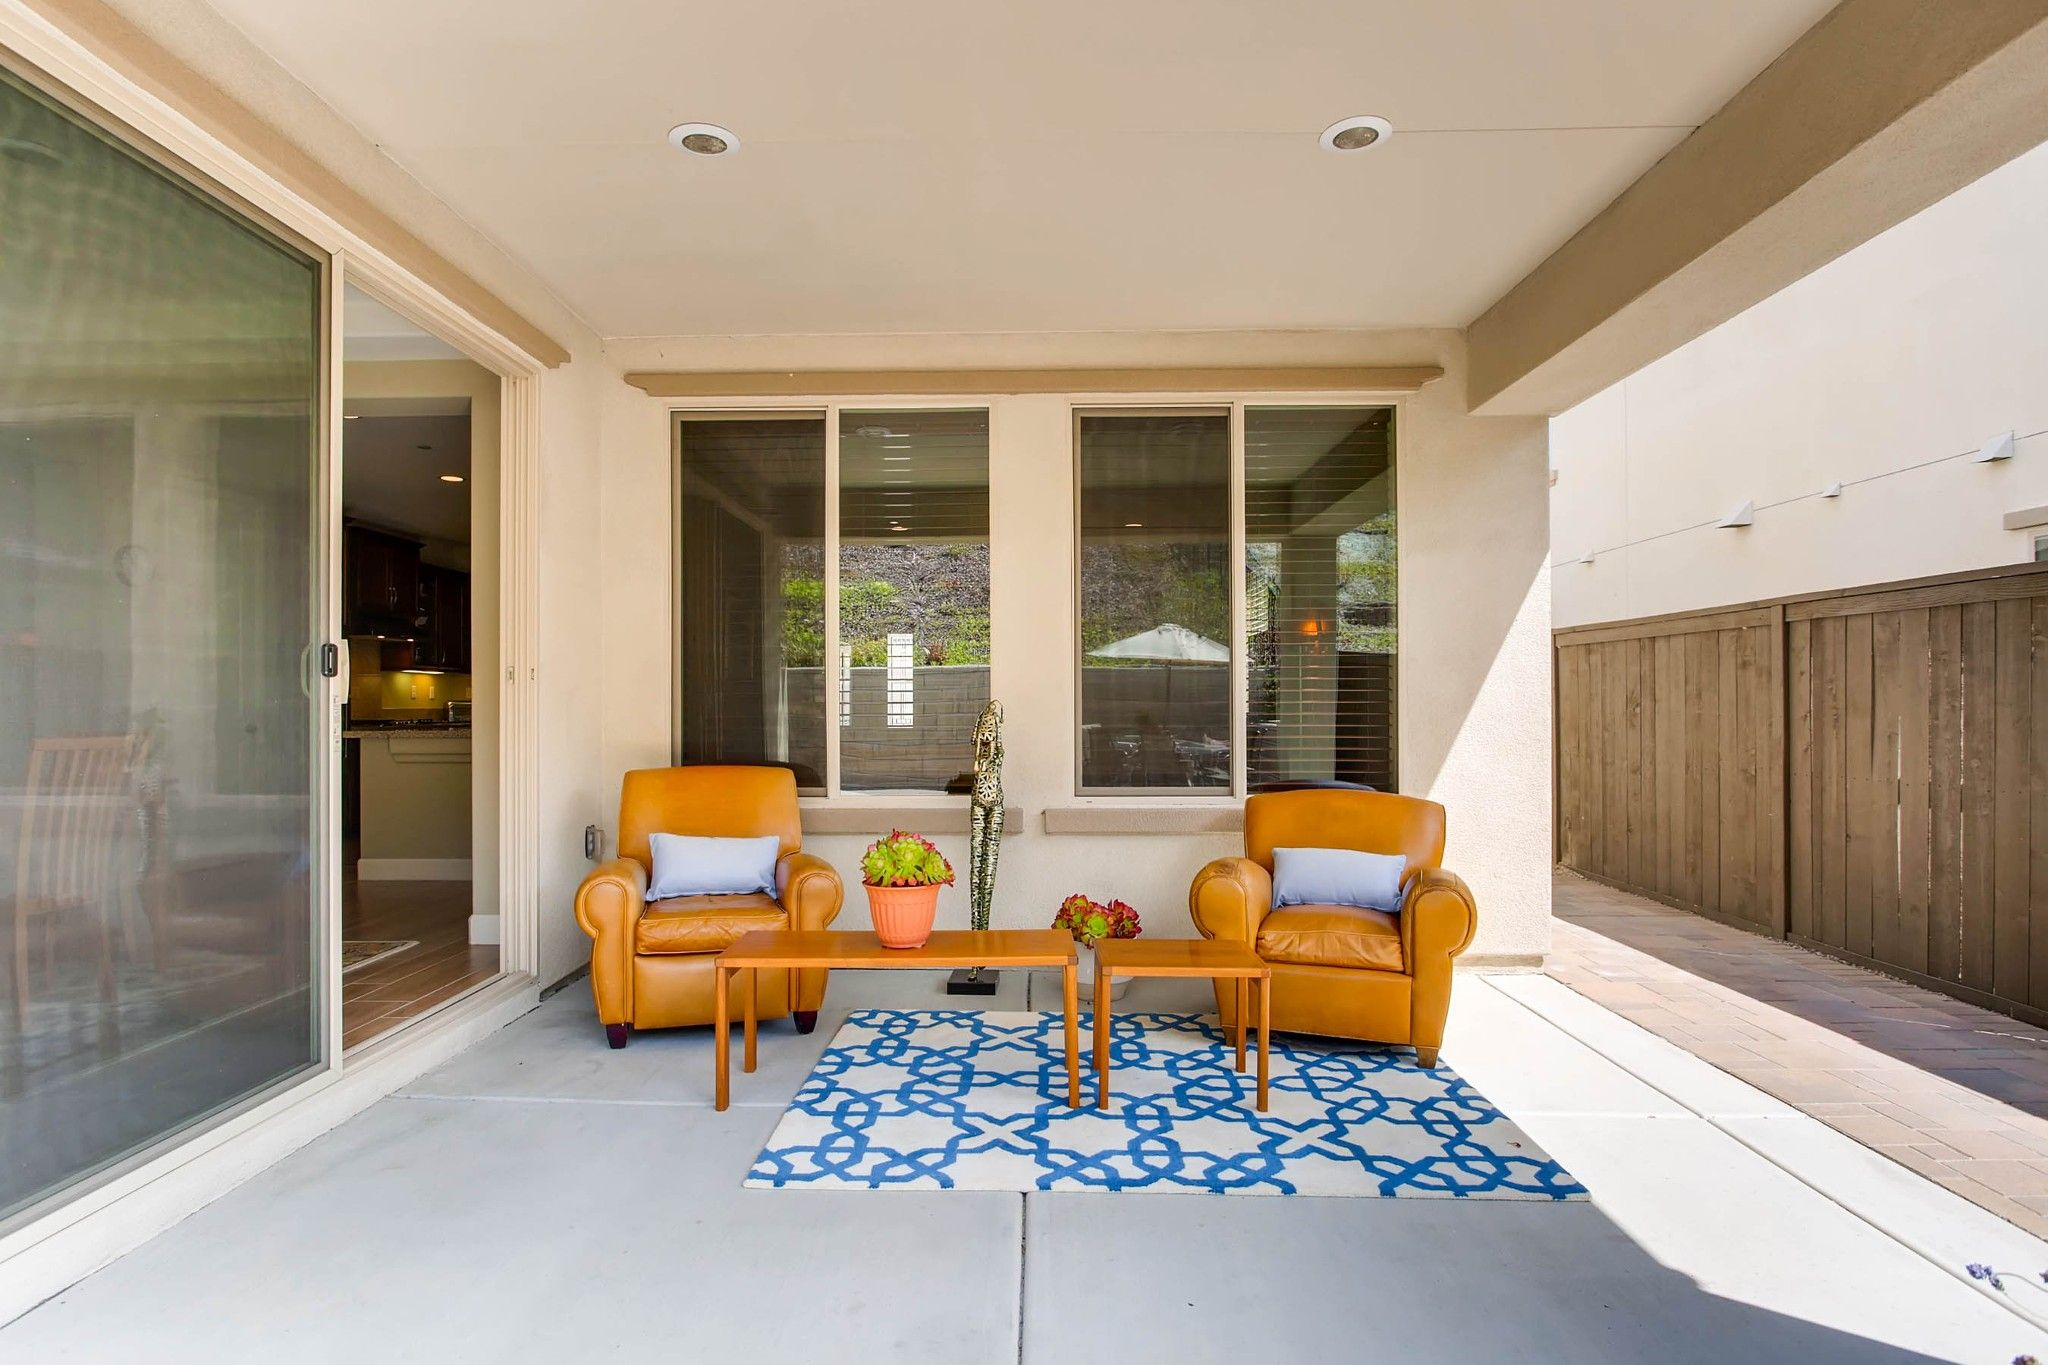 Photo 29: Photos: Residential for sale : 5 bedrooms : 443 Machado Way in Vista